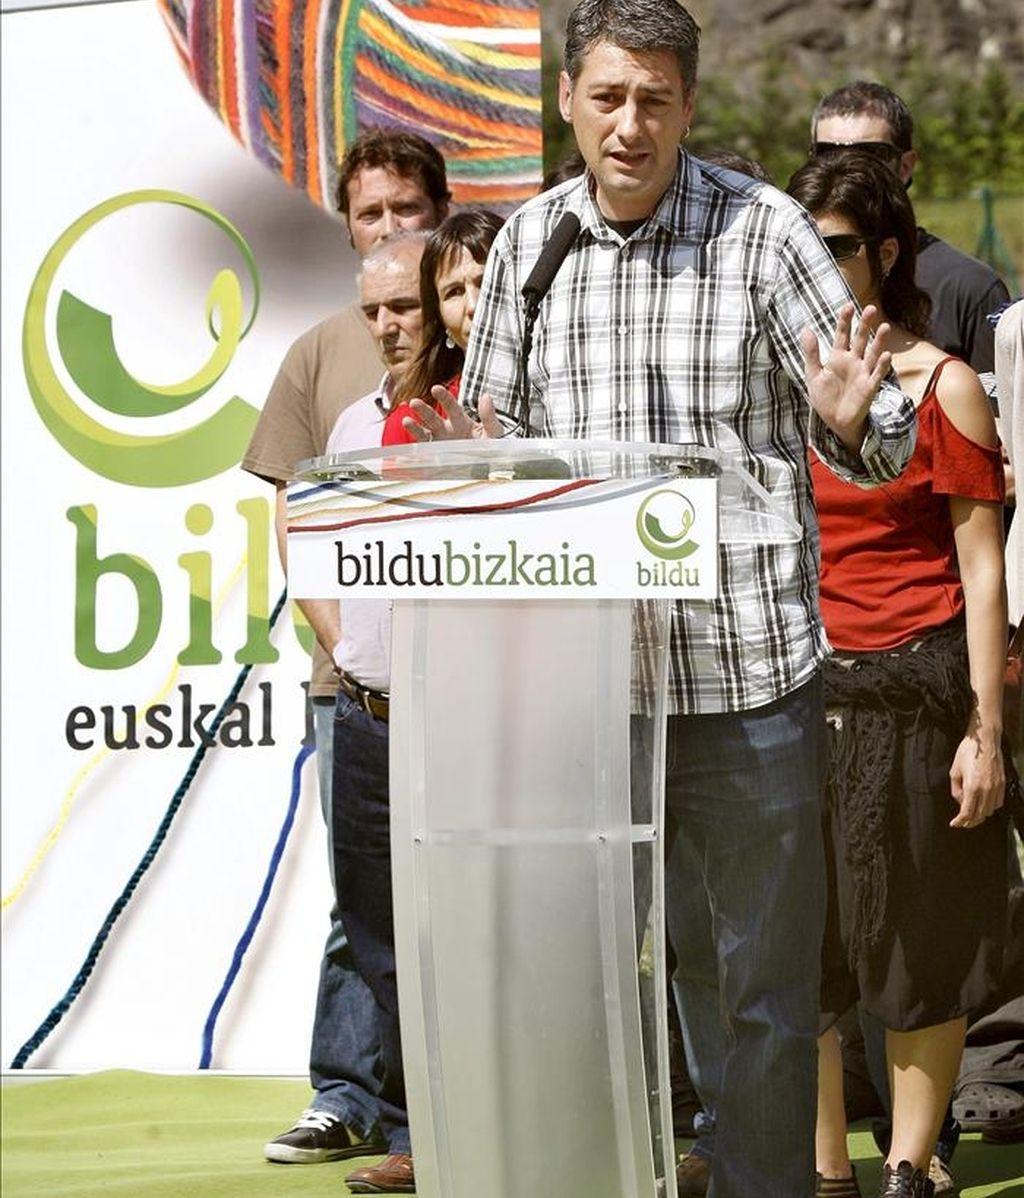 El portavoz de Bildu, Oskar Matute, durante una rueda de prensa. EFE/Archivo